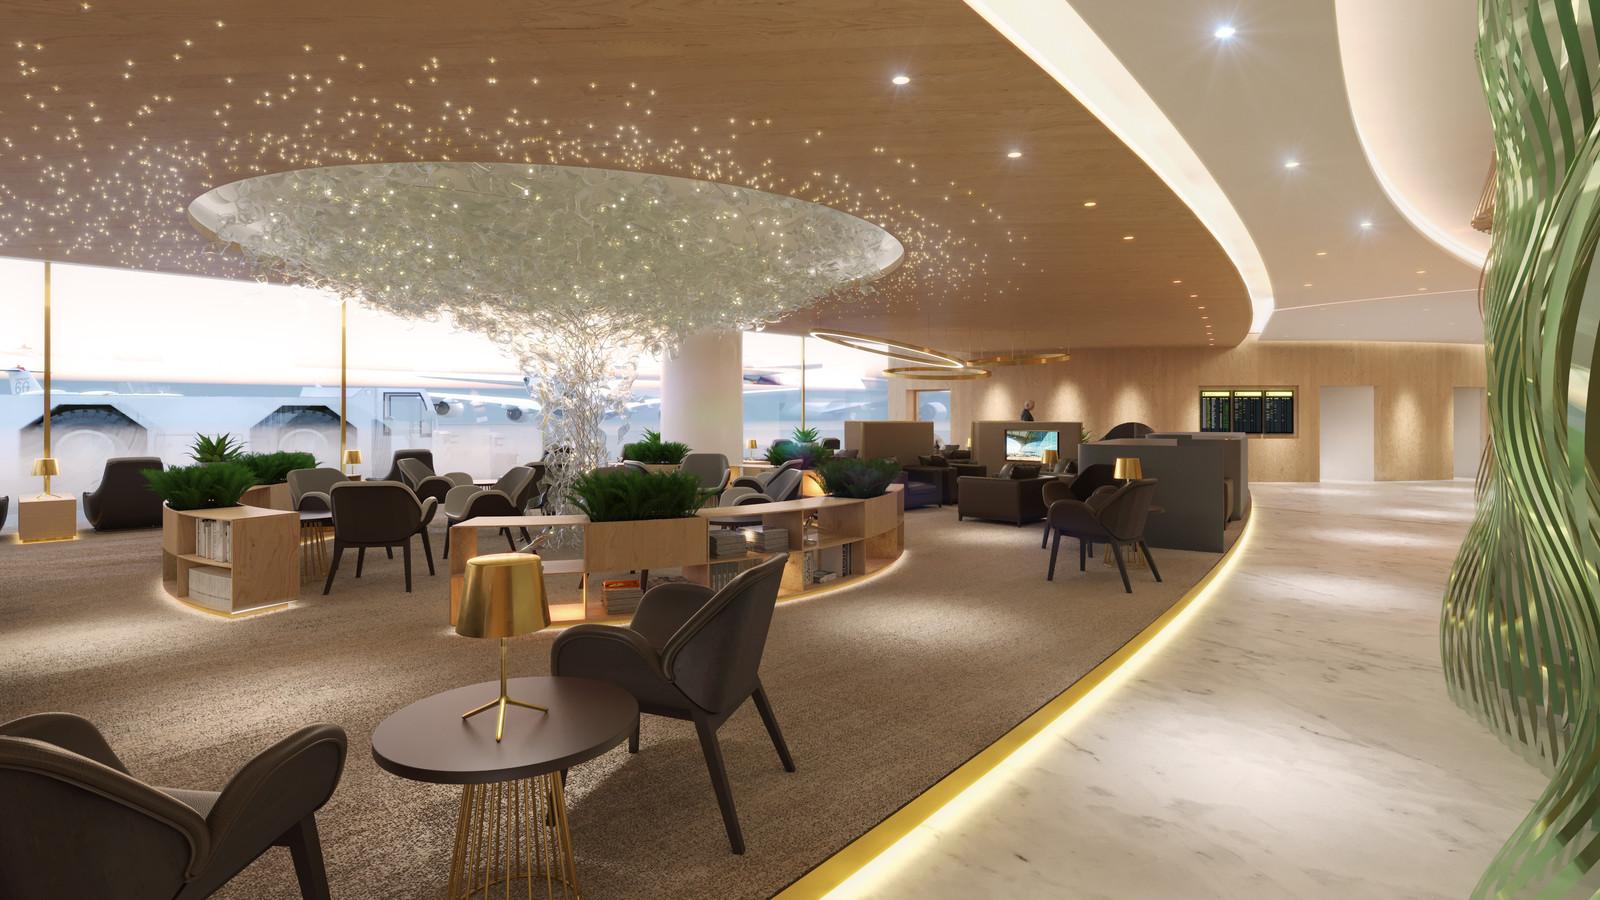 Eindhovense lounges voor vliegveld moskou foto - Fotolounge ontwerp ...